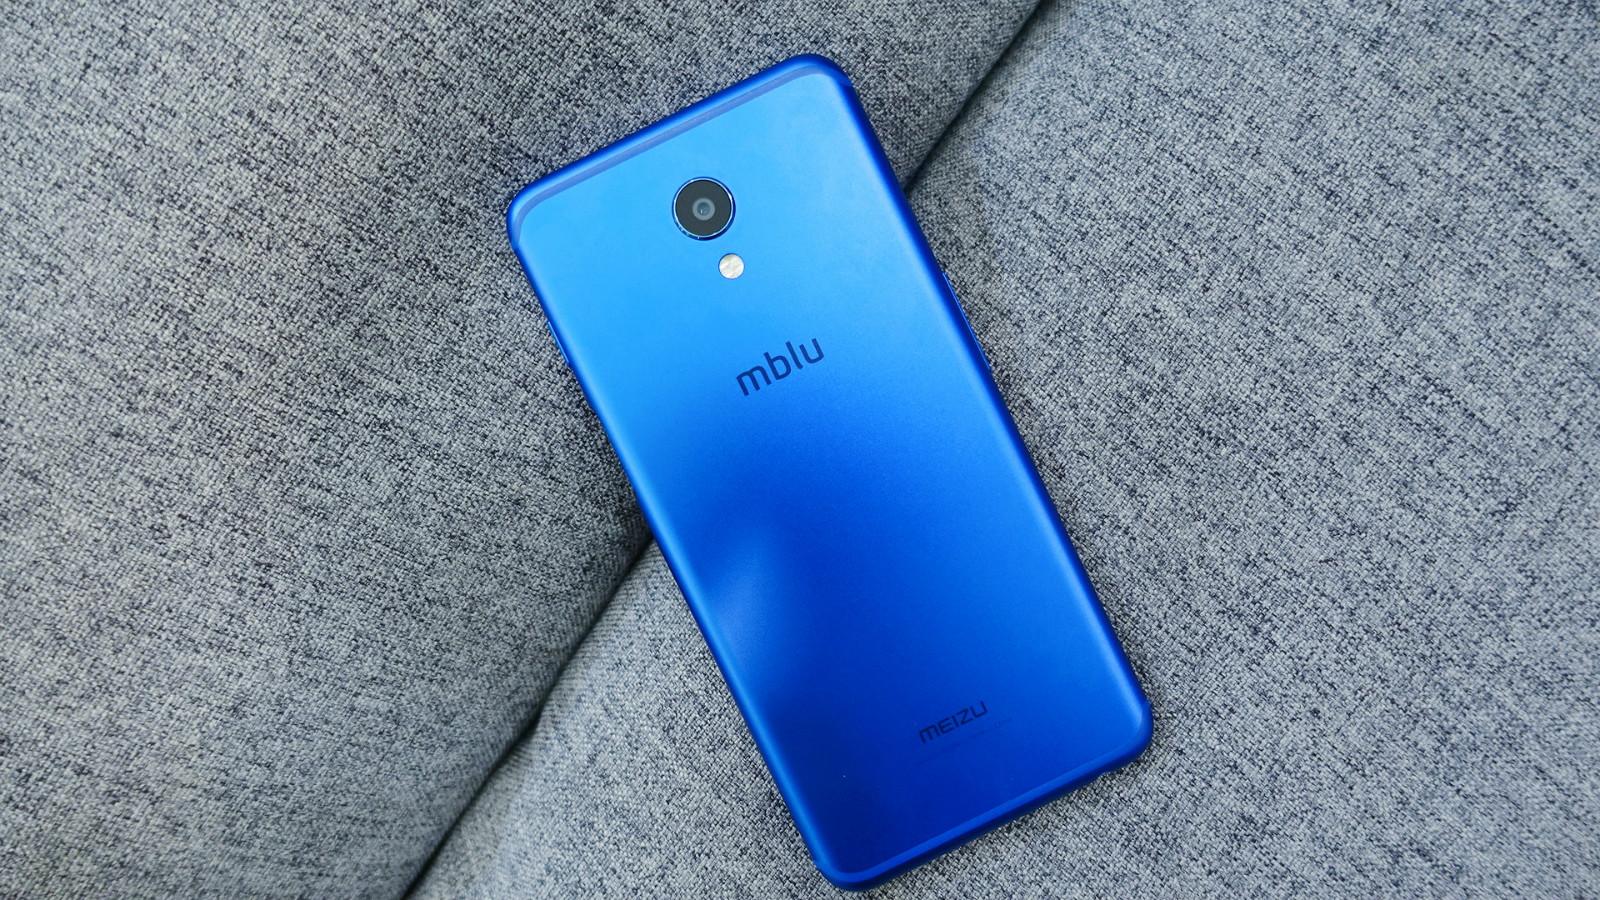 这台机器有魅蓝全部的情结,魅蓝S6先发入门